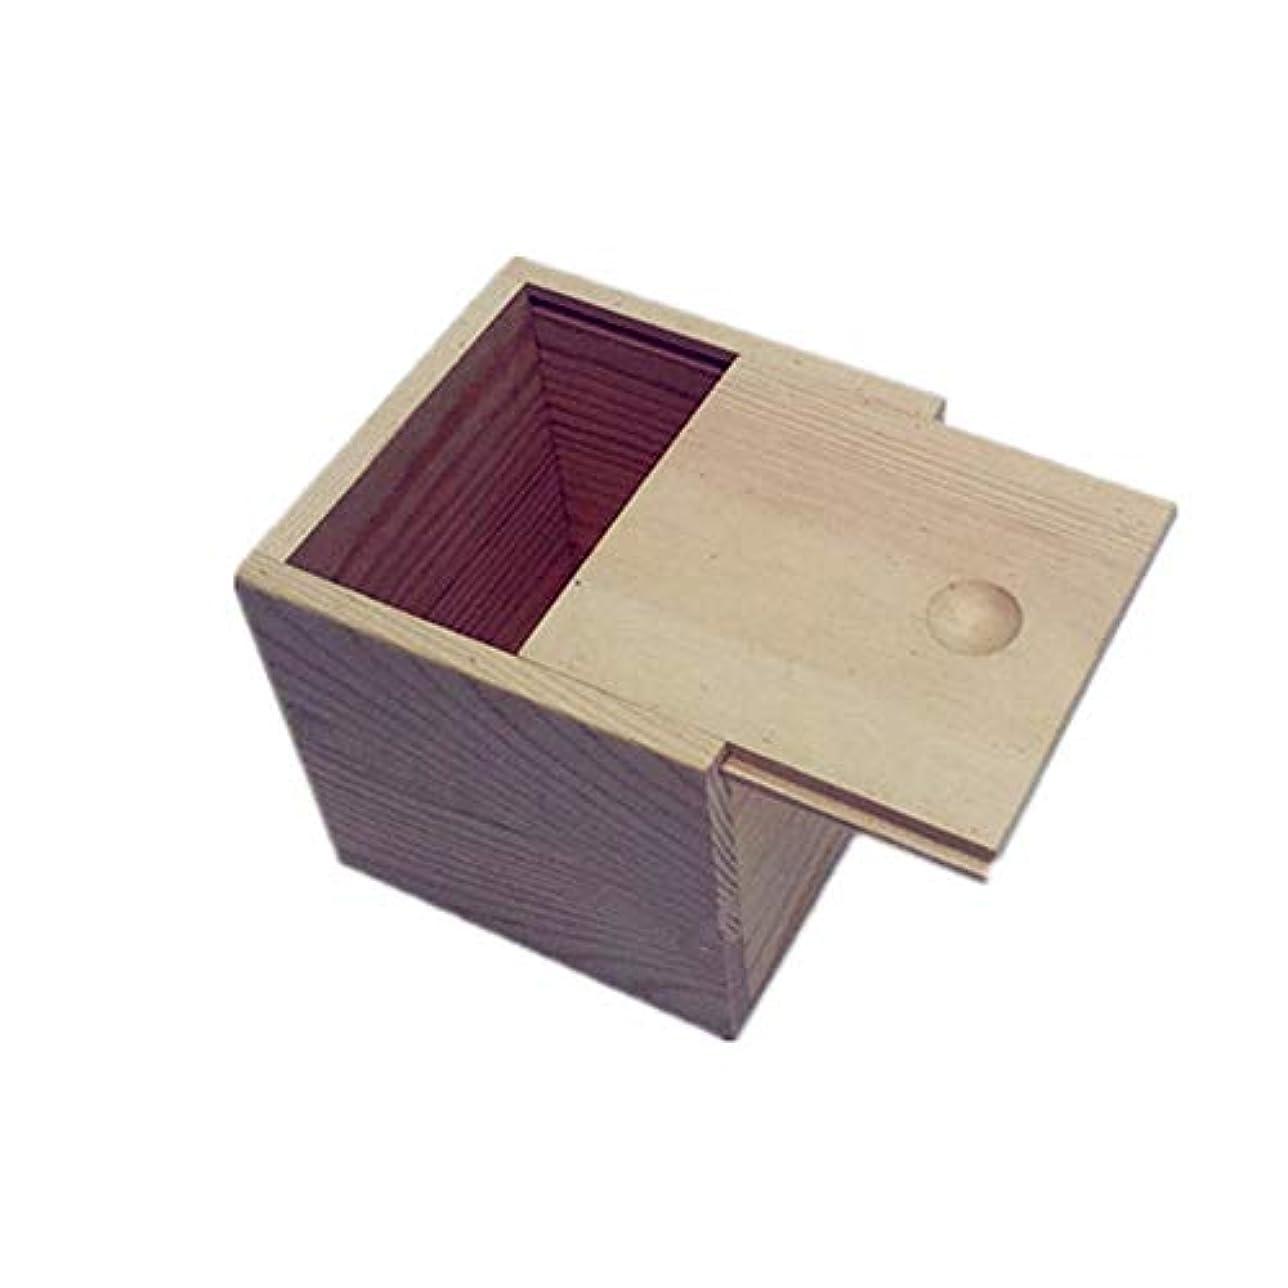 ワーディアンケースリマークたくさんの木製のエッセンシャルオイルストレージボックス安全なスペースセーバーあなたの油を維持するためのベスト アロマセラピー製品 (色 : Natural, サイズ : 9X9X5CM)